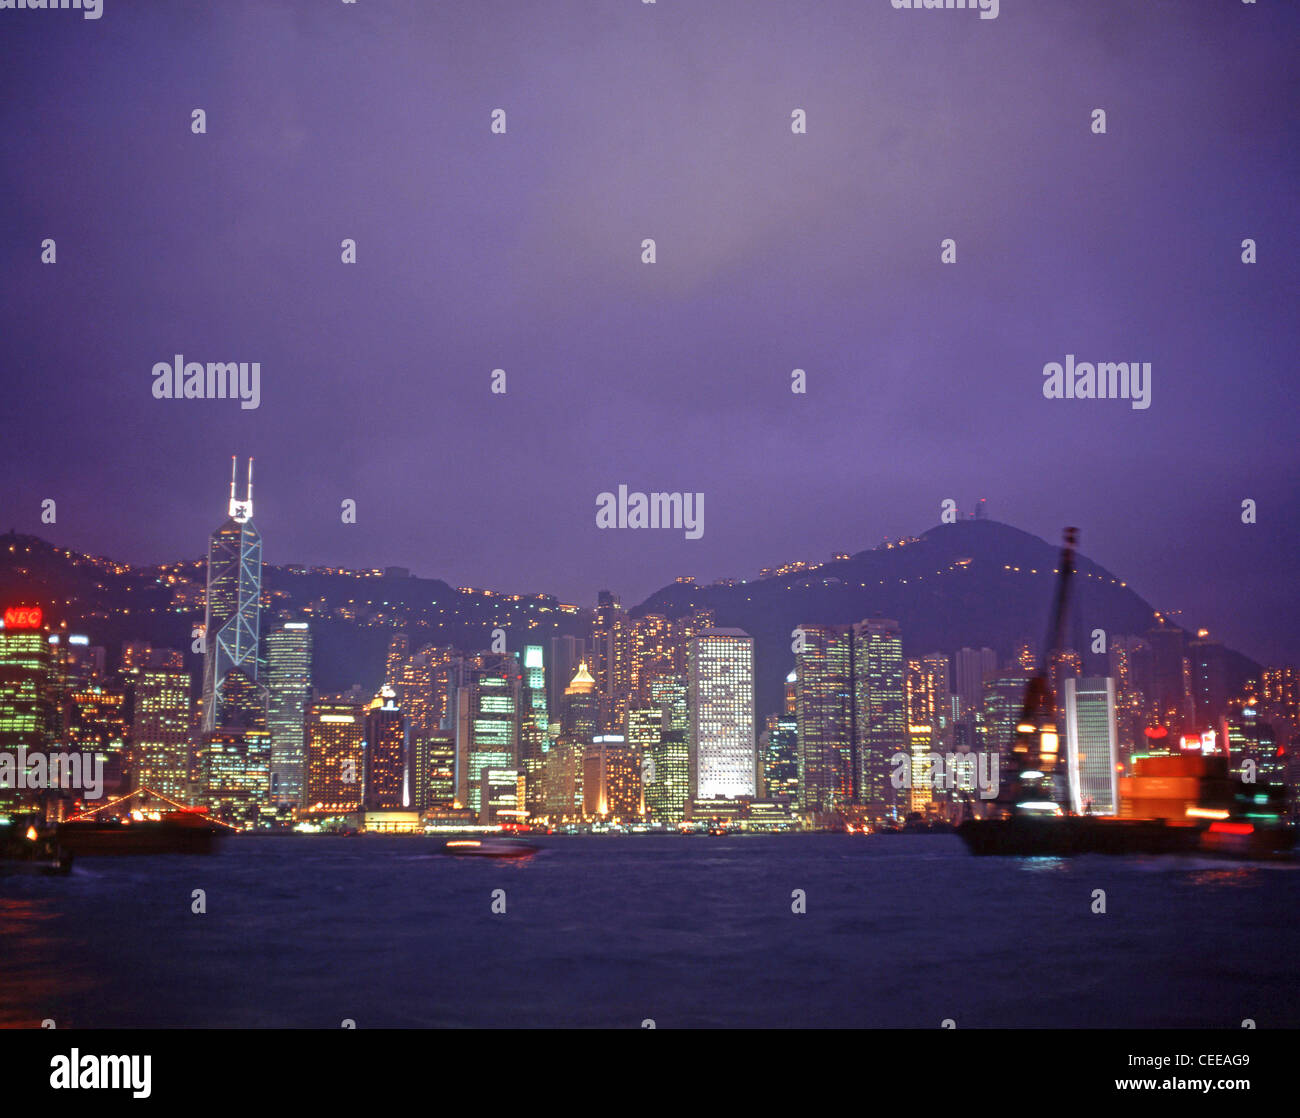 City view at dusk from Kowloon, Hong Kong Island, Hong Kong, People's Republic of China - Stock Image